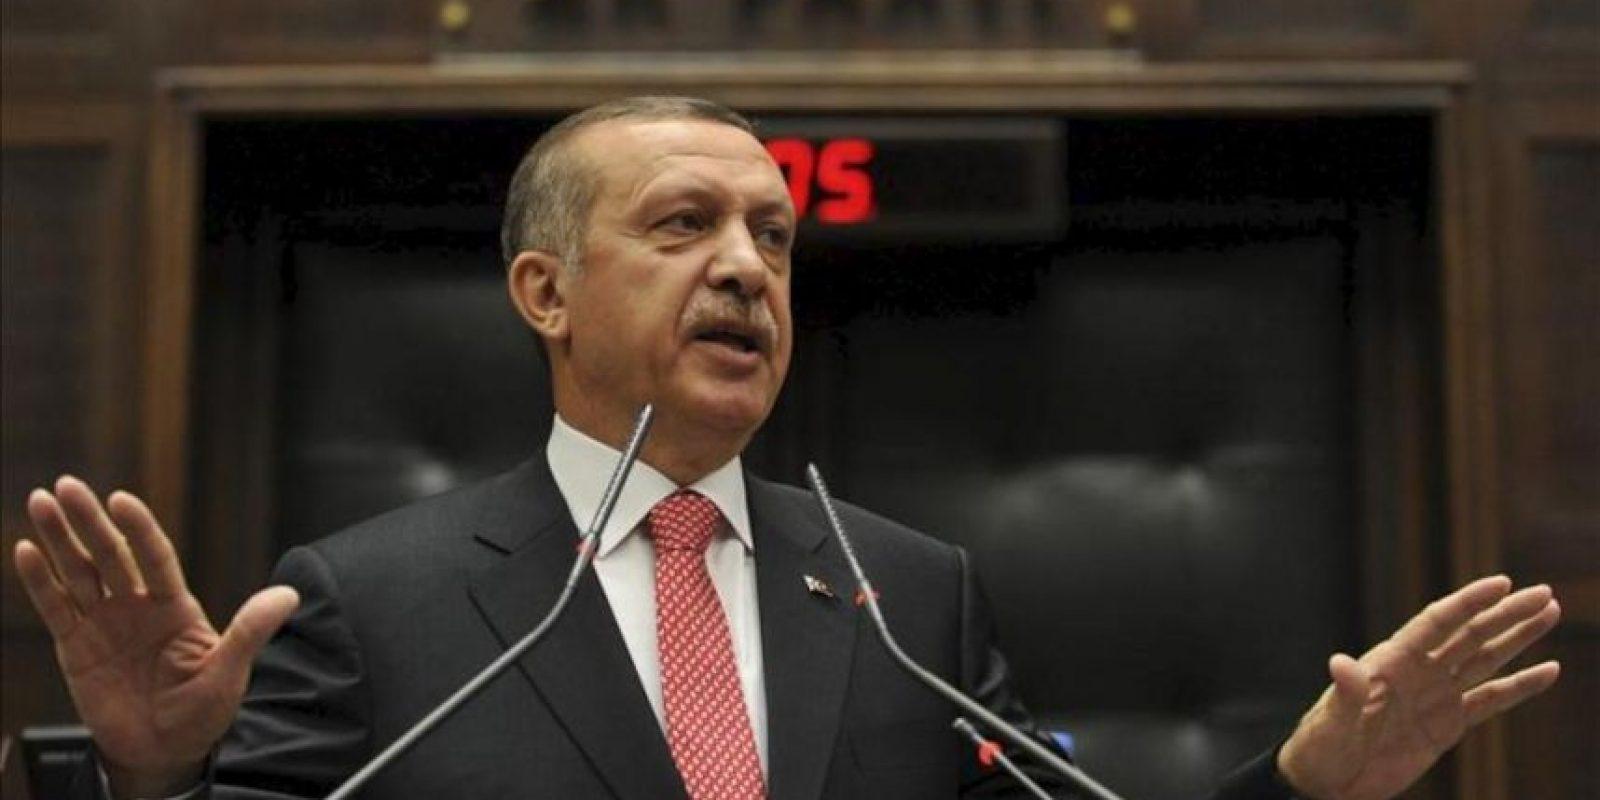 """El primer ministro turco, Recep Tayyip Erdogan, pronuncia su discurso en el Parlamento, en Ankara, Turquía, hoy martes 26 de junio de 2012. Erdogan calificó hoy de """"intolerable"""" el derribo de un caza turco por la defensa antiaérea siria y advirtió con tratar cualquier objeto militar sirio en las fronteras turcas como """"amenaza"""". EFE/Cem Ozdel"""